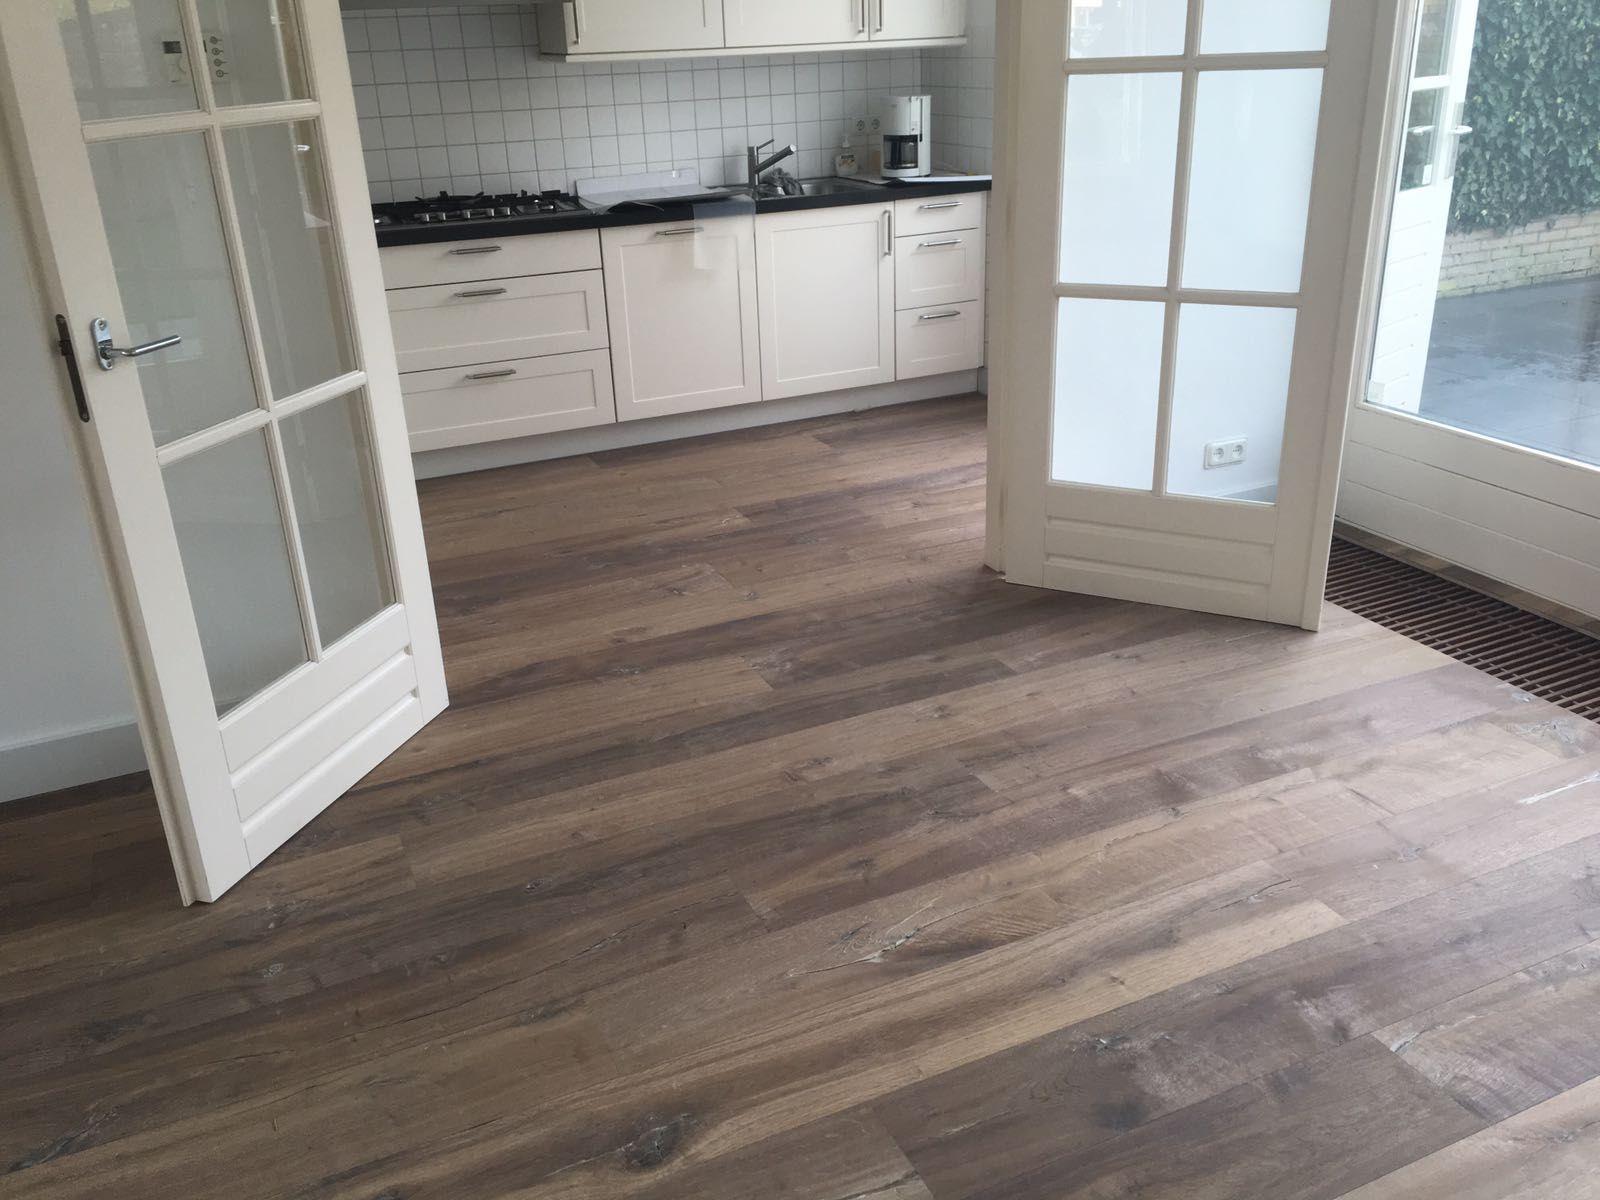 Houten vloer leggen legkosten houten vloer verlijmen per m